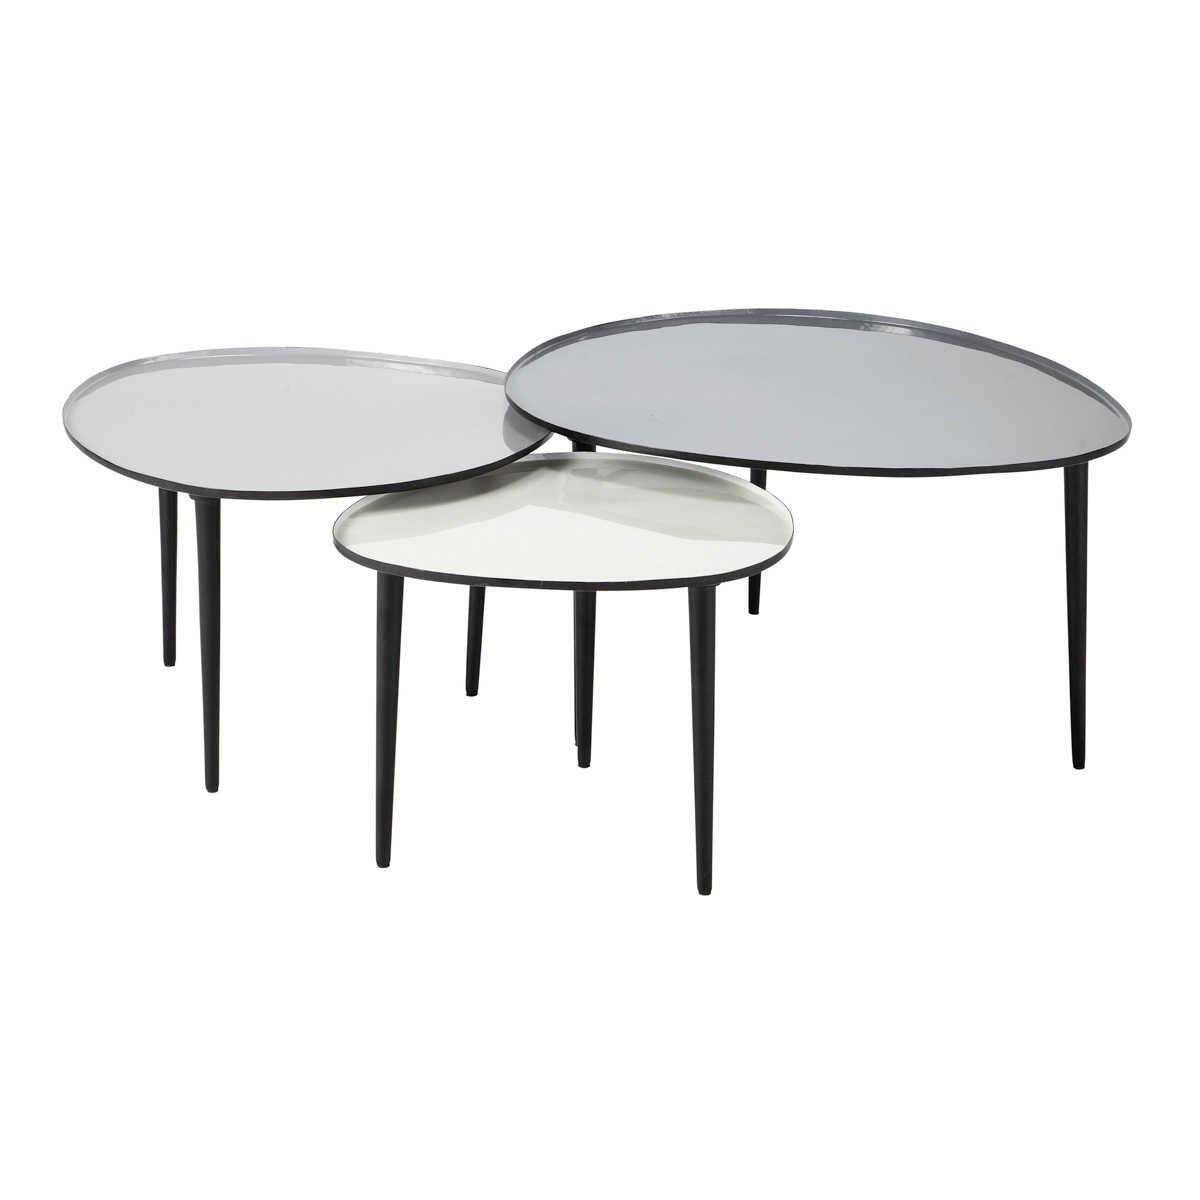 table gigogne maison du monde ventana blog. Black Bedroom Furniture Sets. Home Design Ideas